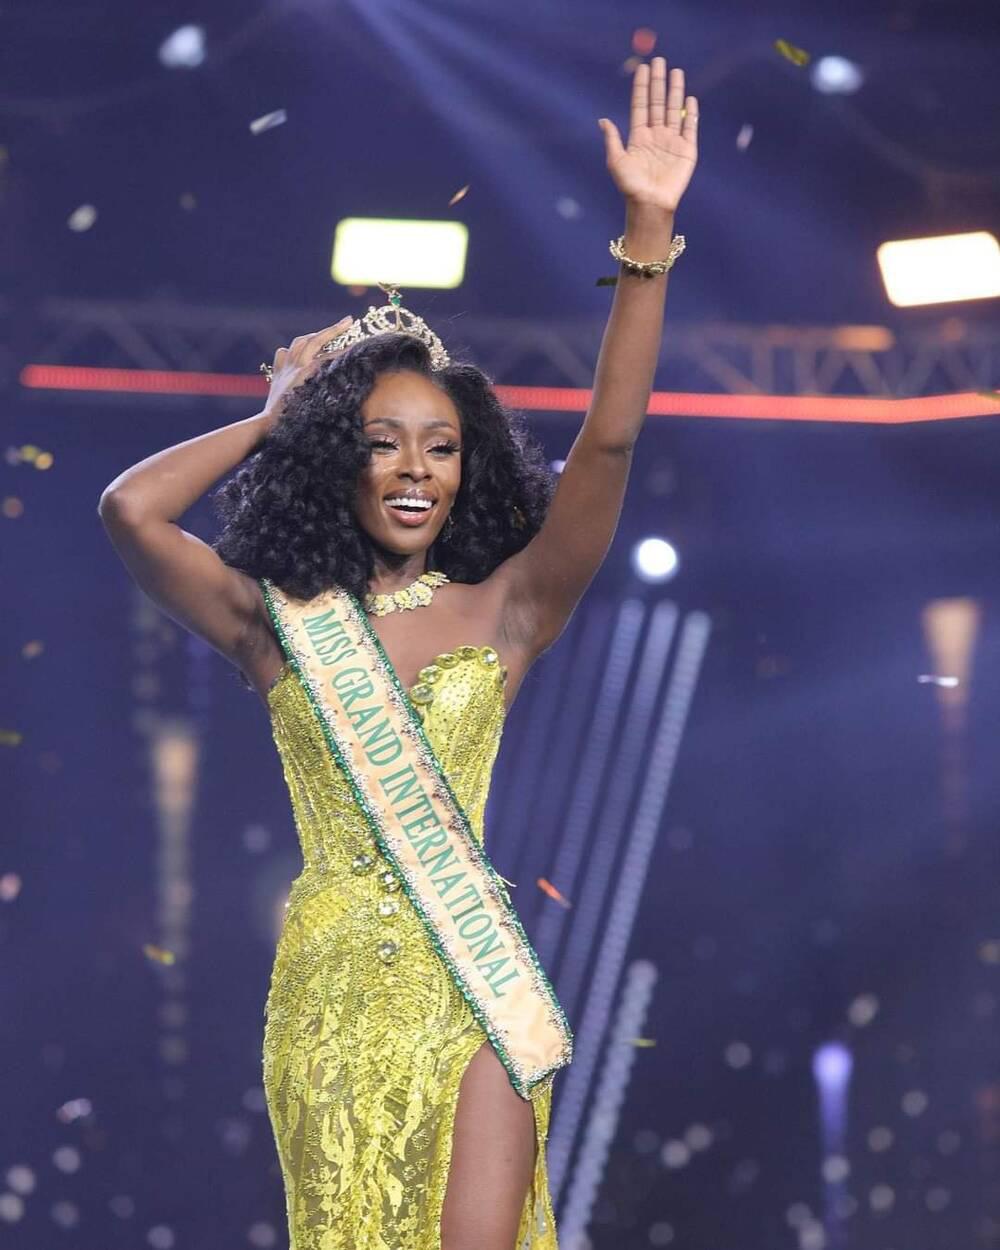 Người đẹp Mỹ gục ngã lúc đăng quang Miss Grand 2020, Ngọc Thảo trượt top 10 gây tiếc nuối - Ảnh 1.